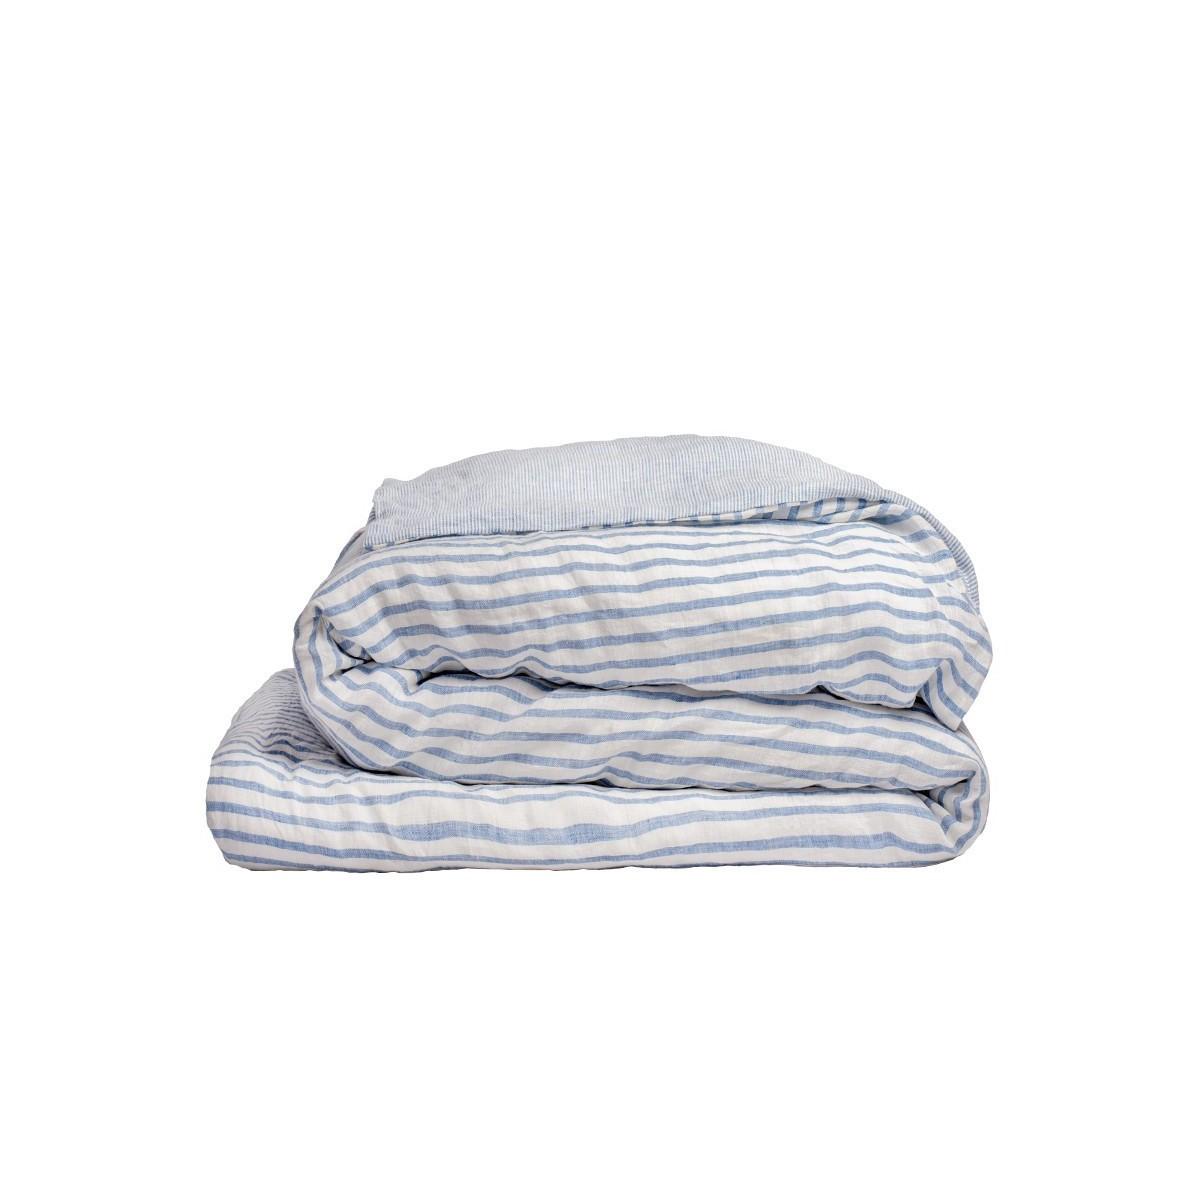 housse de couette en lin lav ray bleu blue et blanc cr me. Black Bedroom Furniture Sets. Home Design Ideas